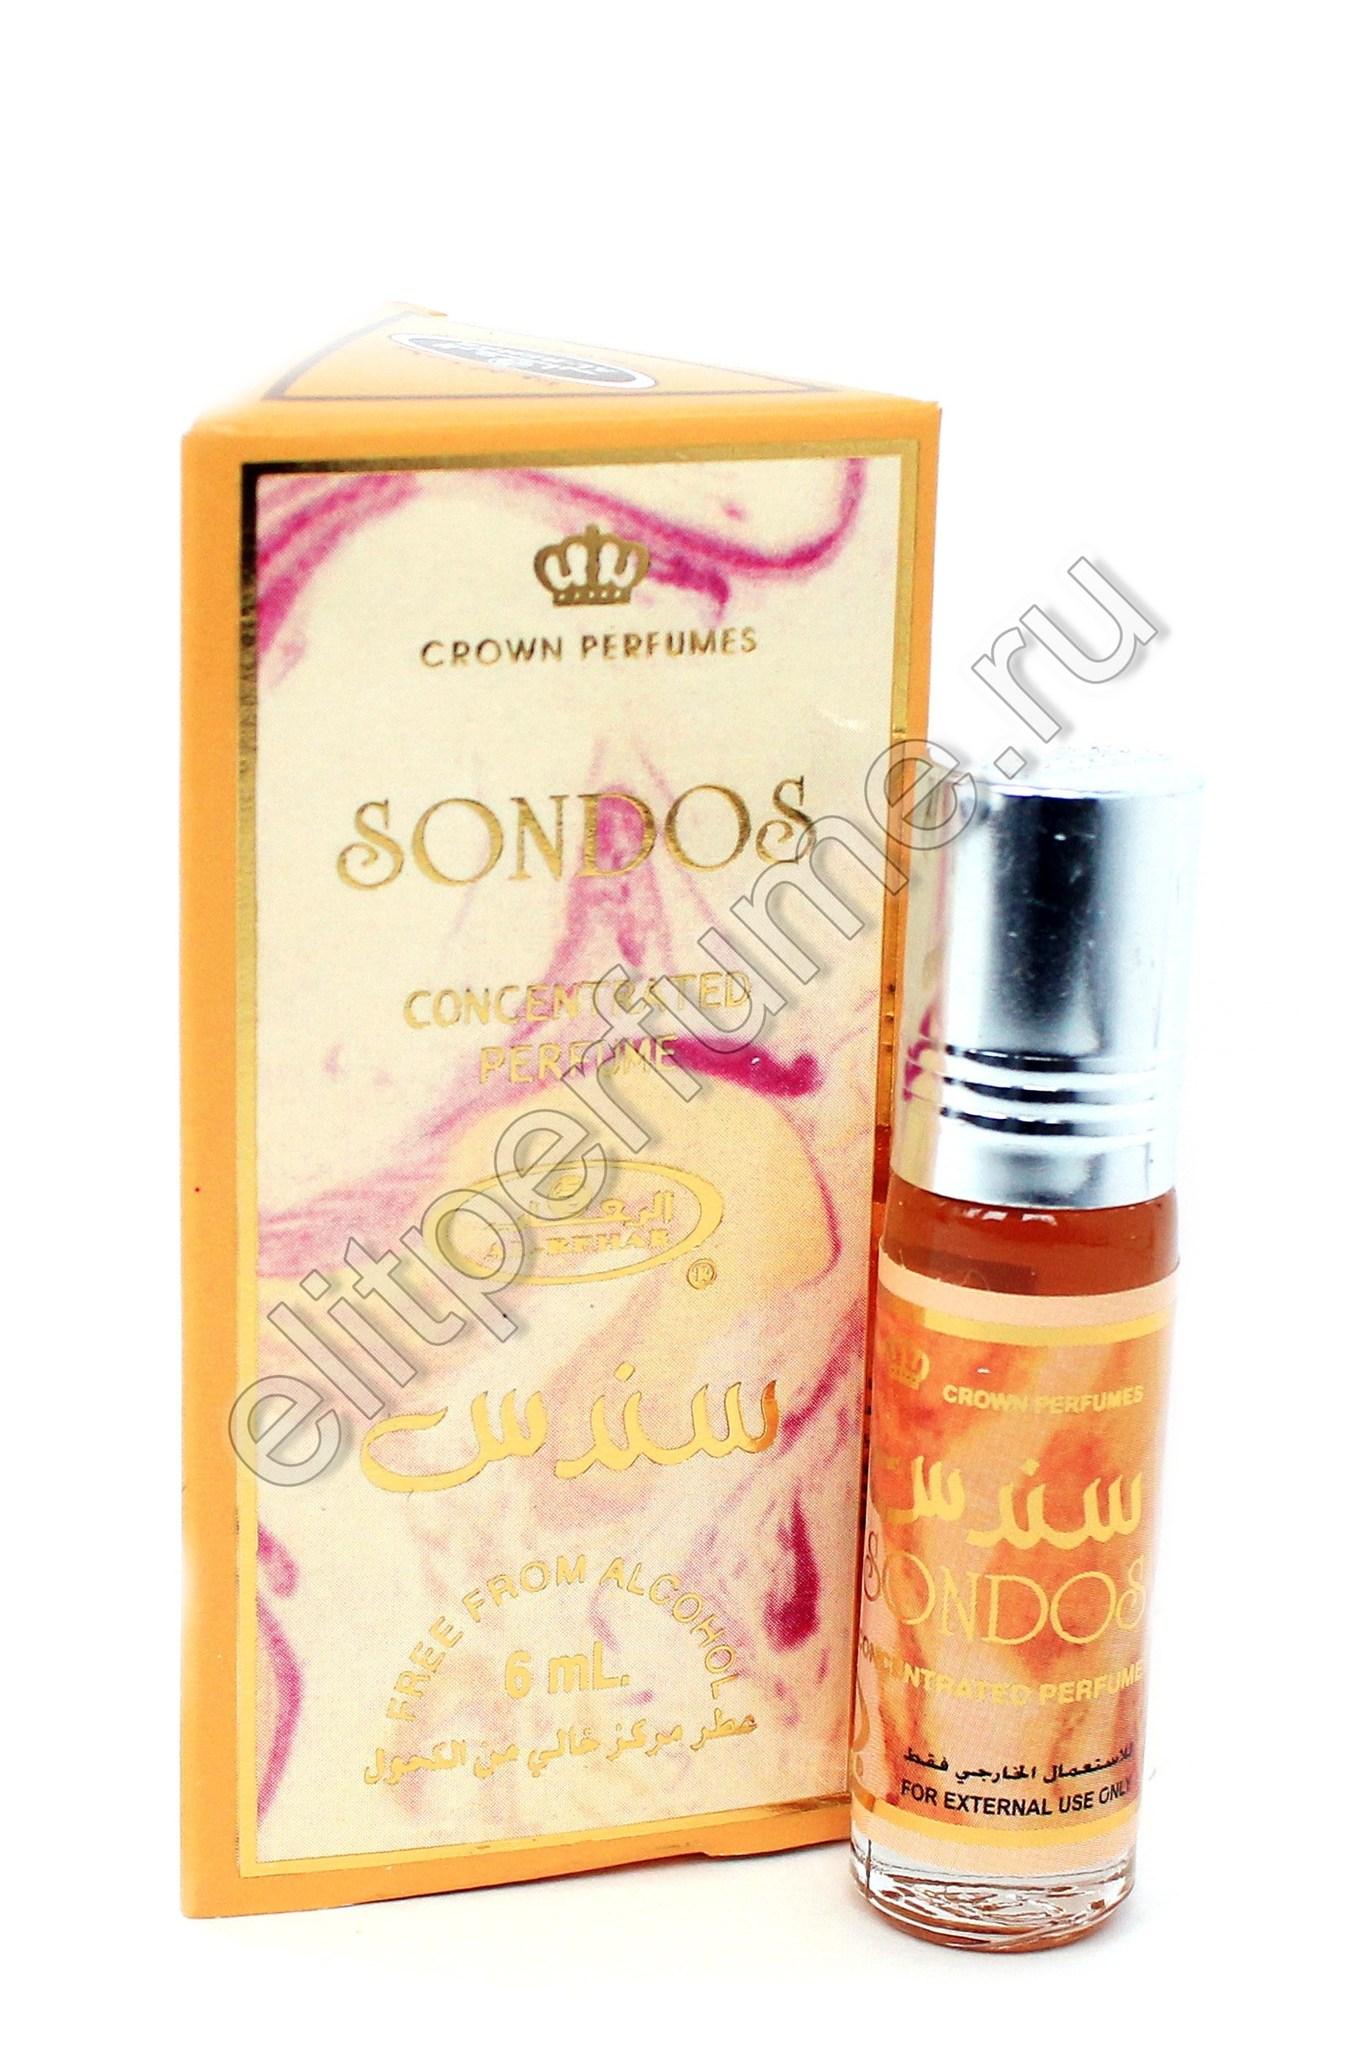 Sondos Сондос 6 мл арабские масляные духи от Аль Рехаб Al Rehab